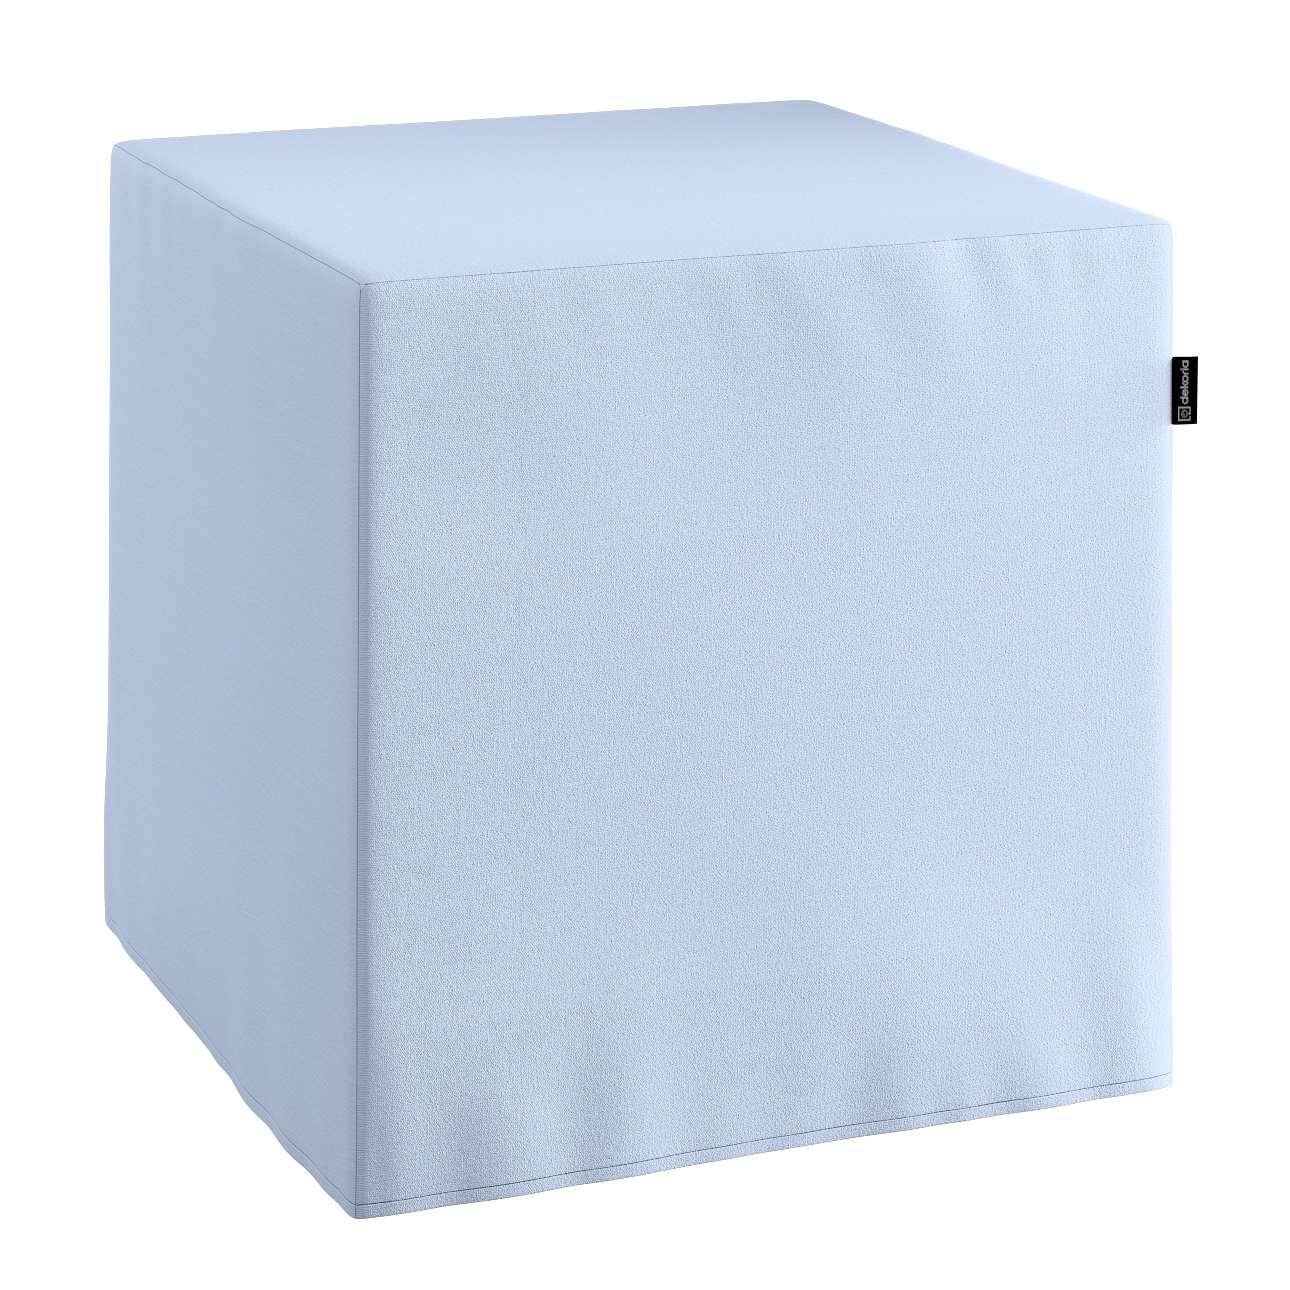 Bezug für Sitzwürfel Bezug für Sitzwürfel 40x40x40 cm von der Kollektion Loneta, Stoff: 133-35